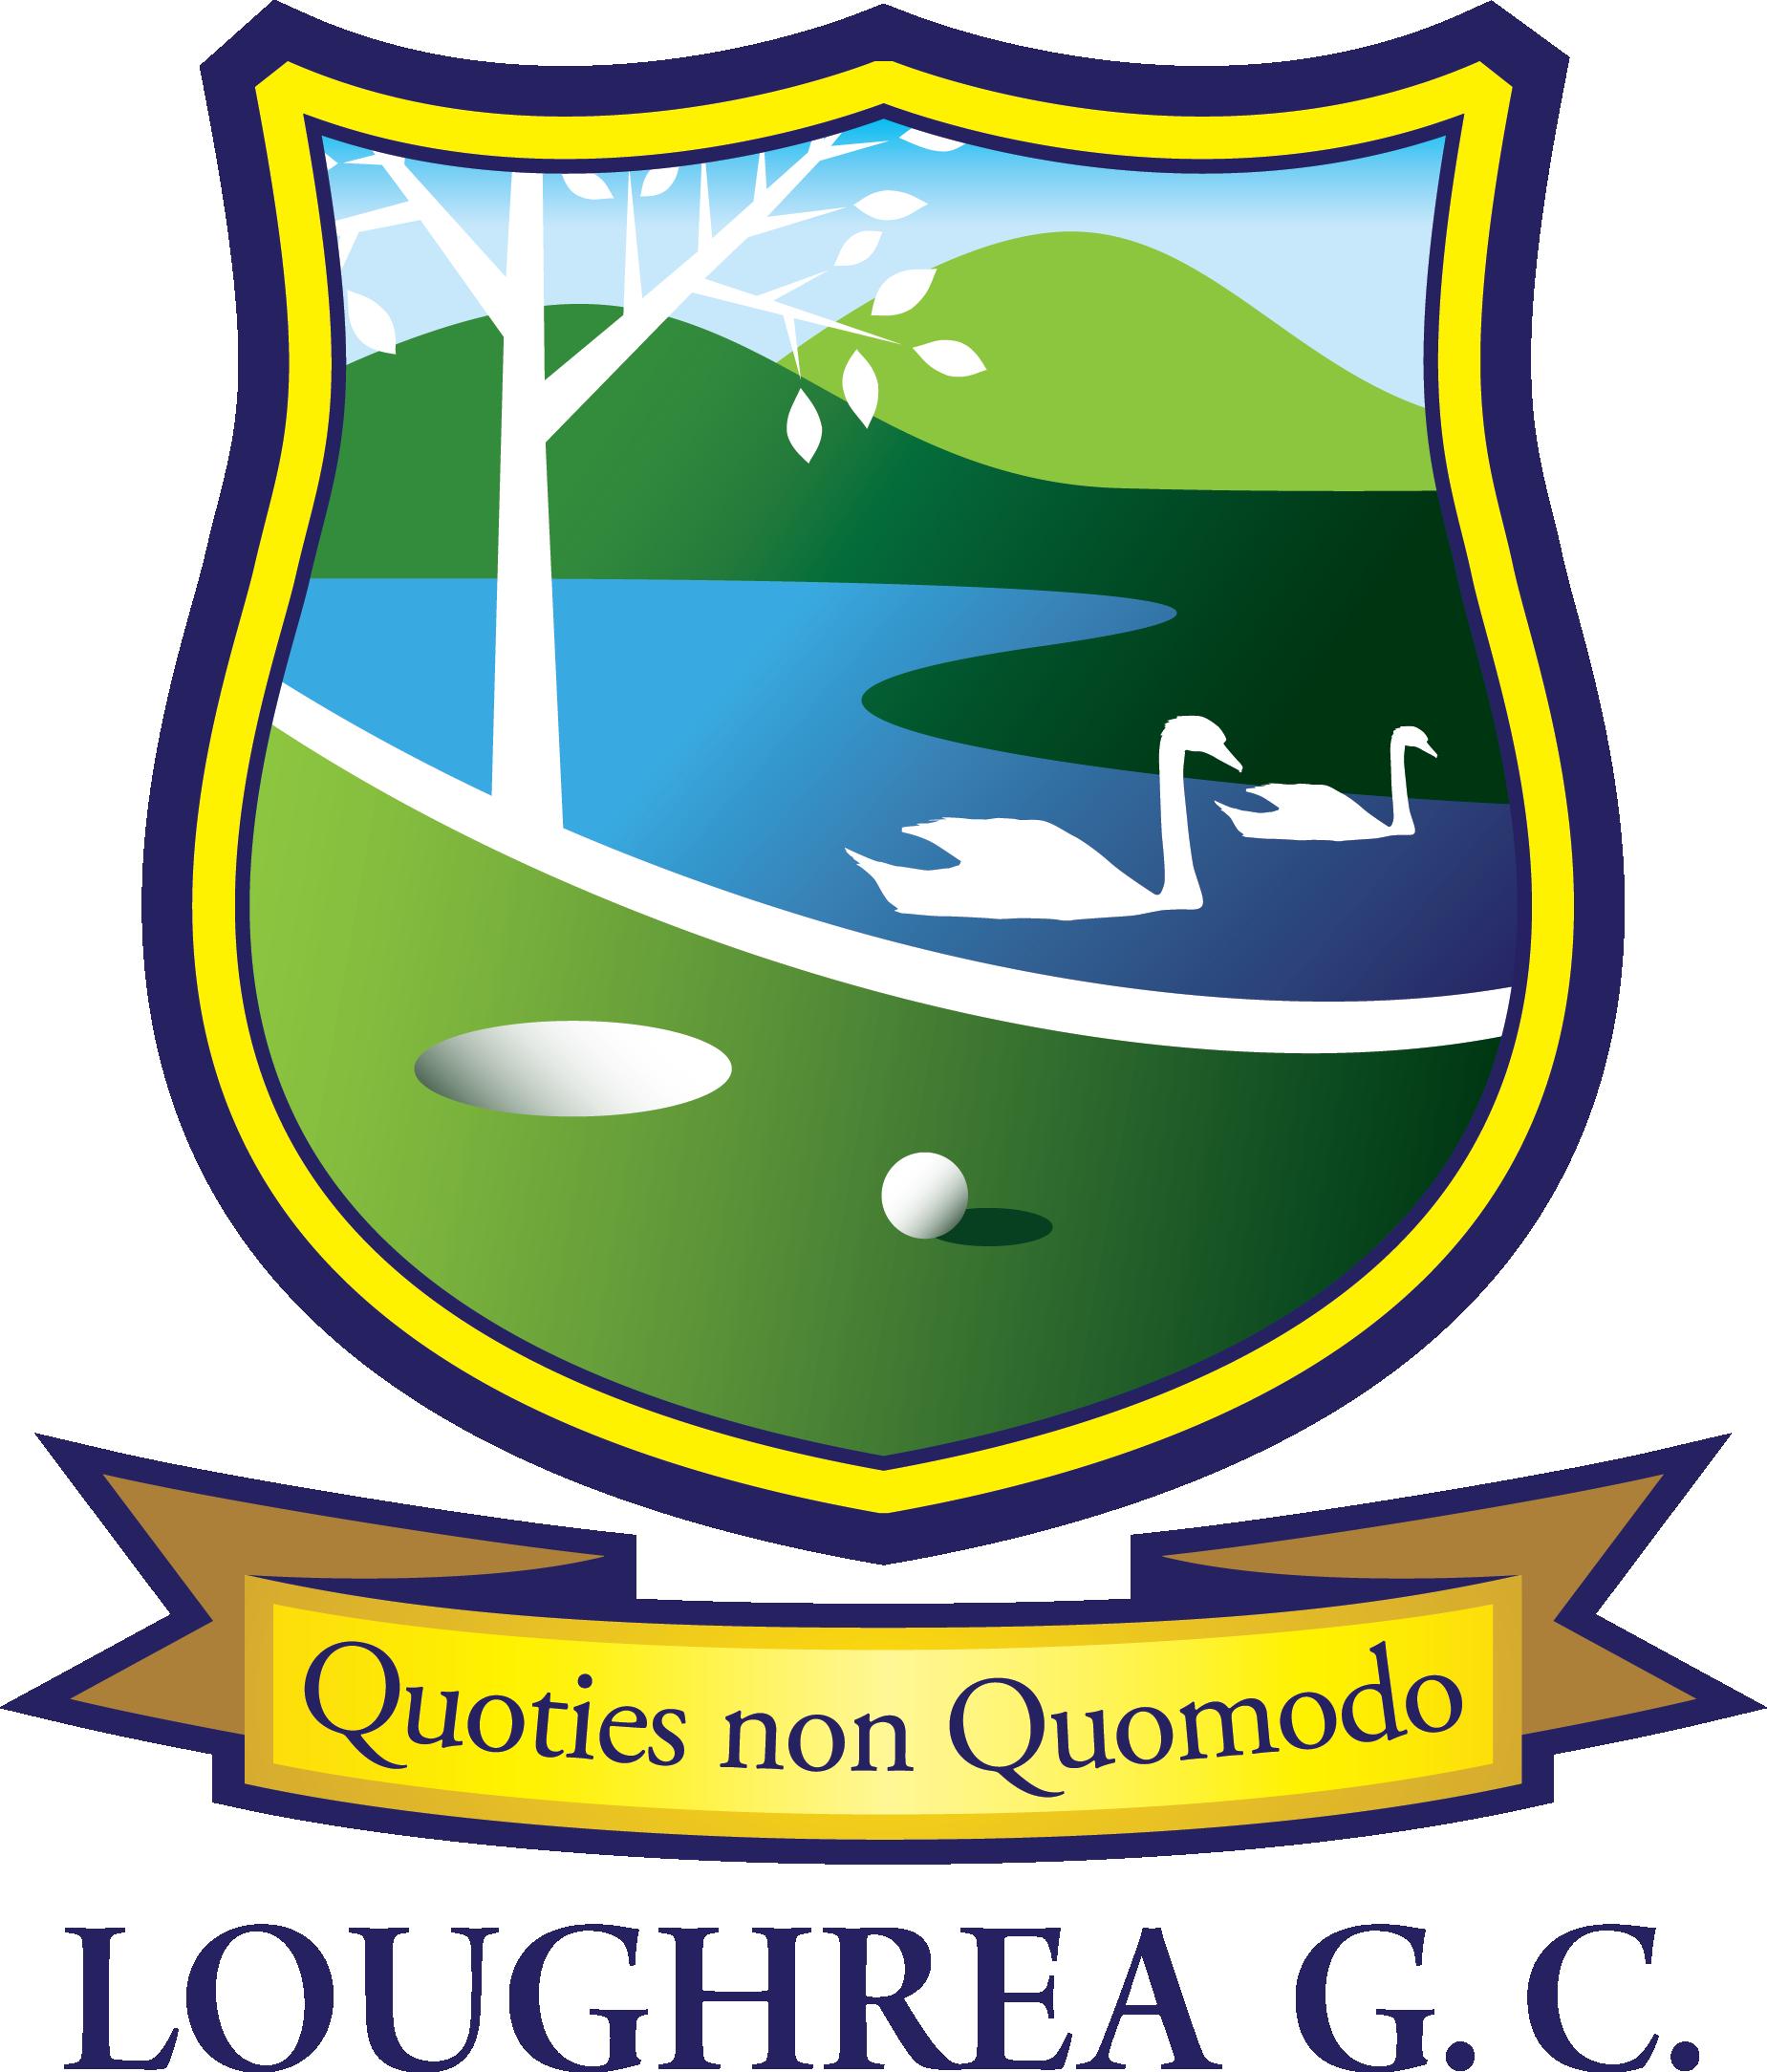 Loughrea club a hidden. Golf clipart golf crest